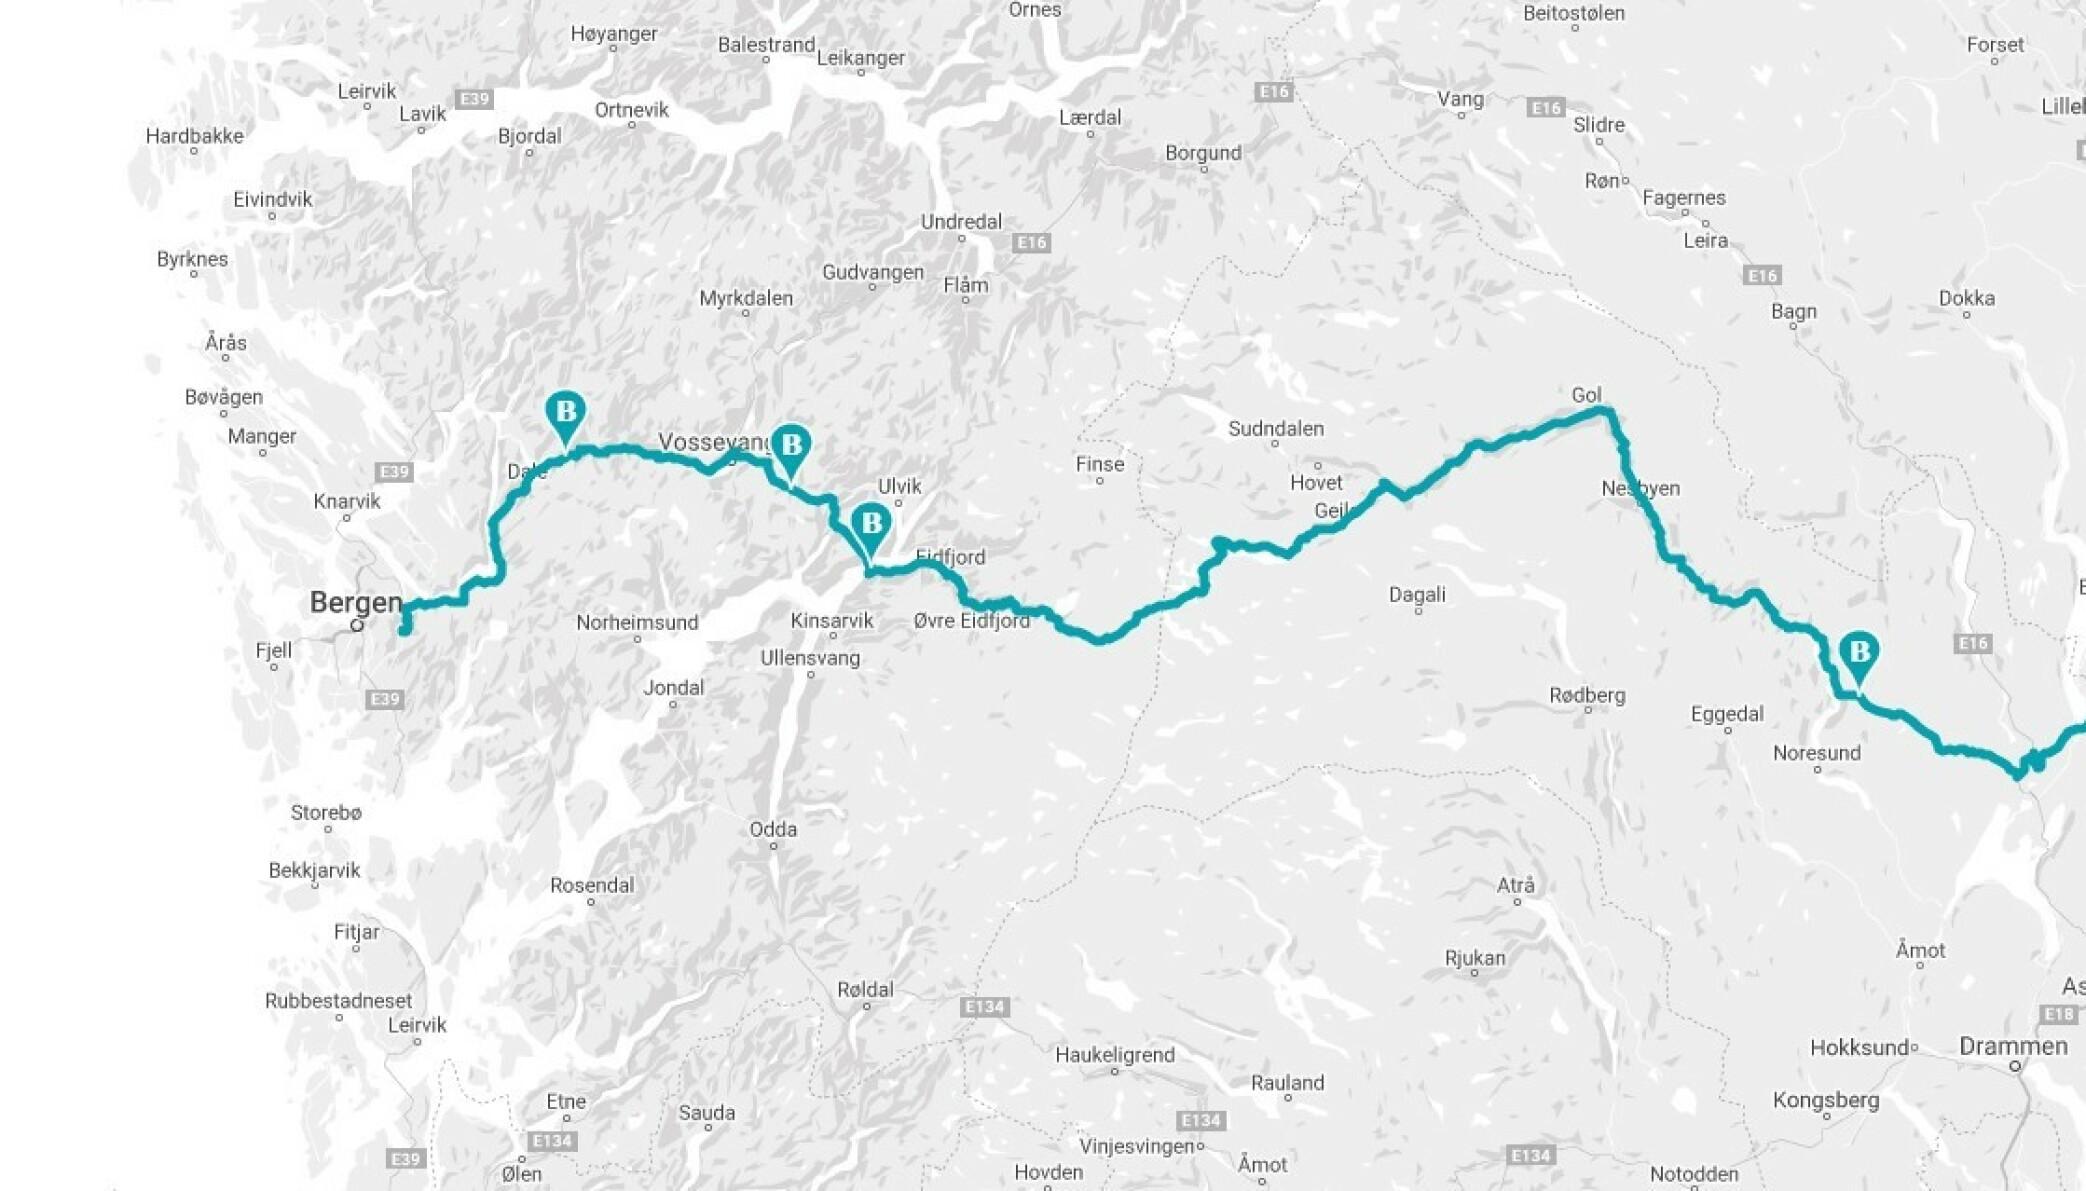 RUTA: Her ser du hele kjøreruta mellom Jessheim og Espeland i Bergen, over Hardangervidda. Turen er på 46 mil og har fire bomstasjoner - tre av dem gjelder også for elbil. Se regnestykke nederst i saken. Skjermdump: Bompengekalkulatoren.no